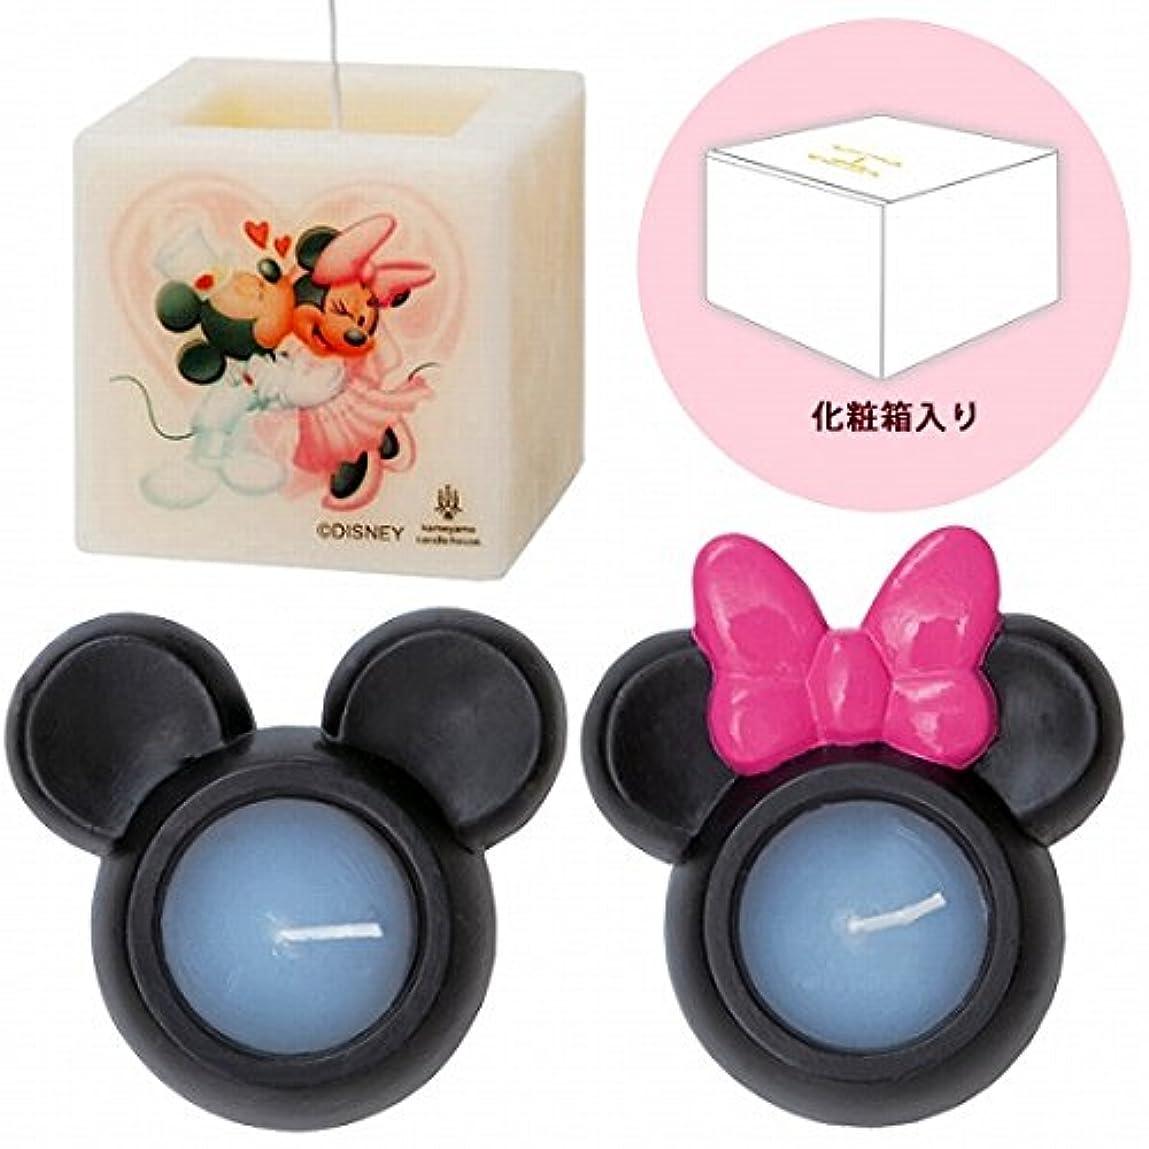 シーサイド拮抗包括的カメヤマキャンドル( kameyama candle ) ミッキー&ミニーキャンドルセットM